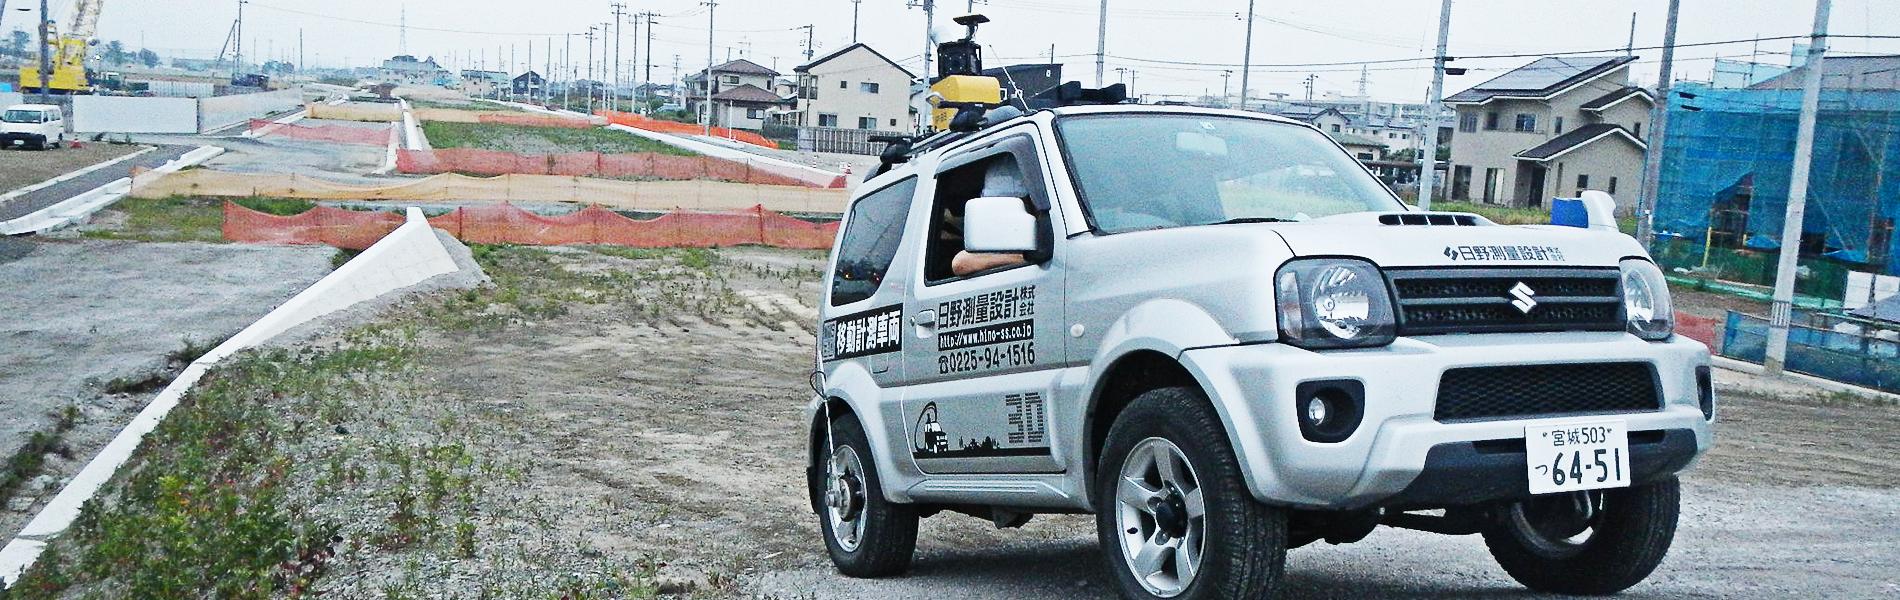 移動計測車両測量システム(MMS)計測